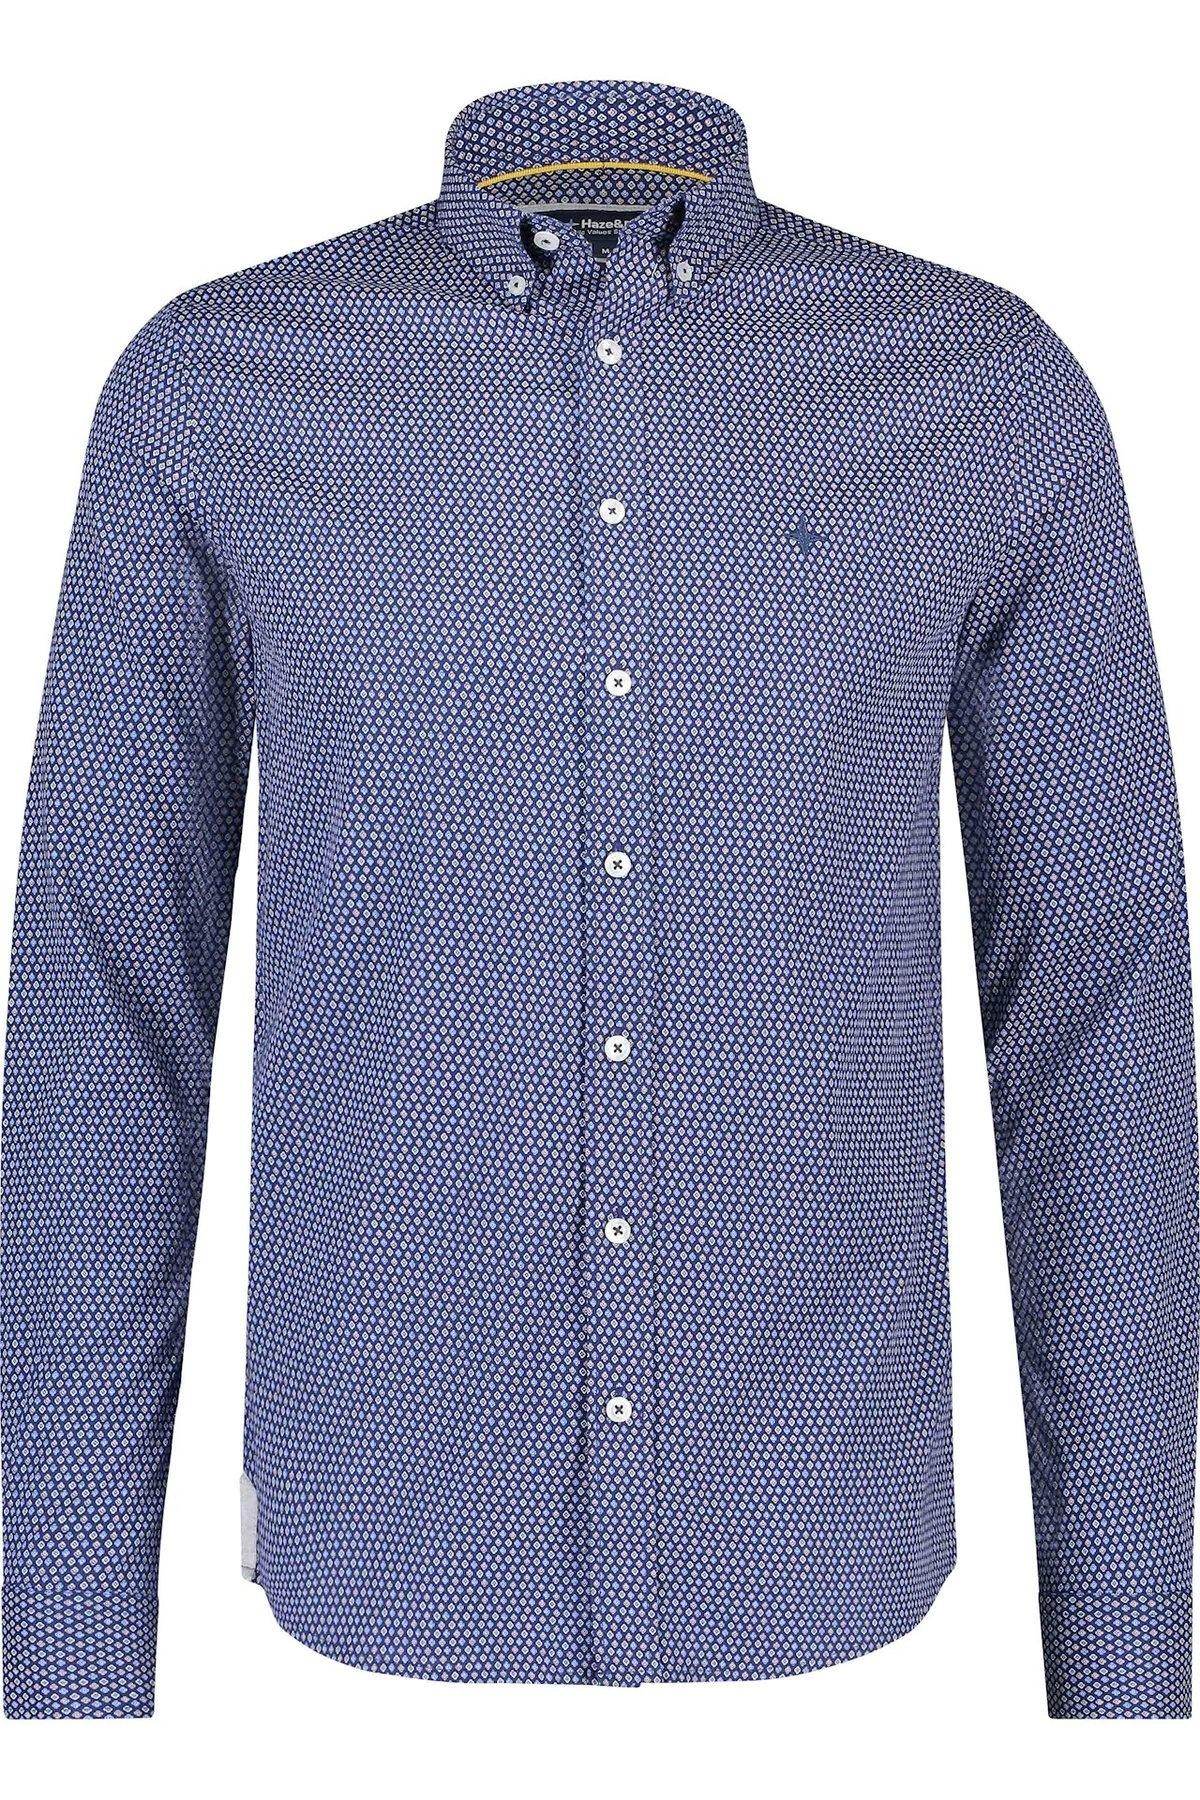 HAZE & FINN chemise extensible à carreaux français, coupe régulière-1